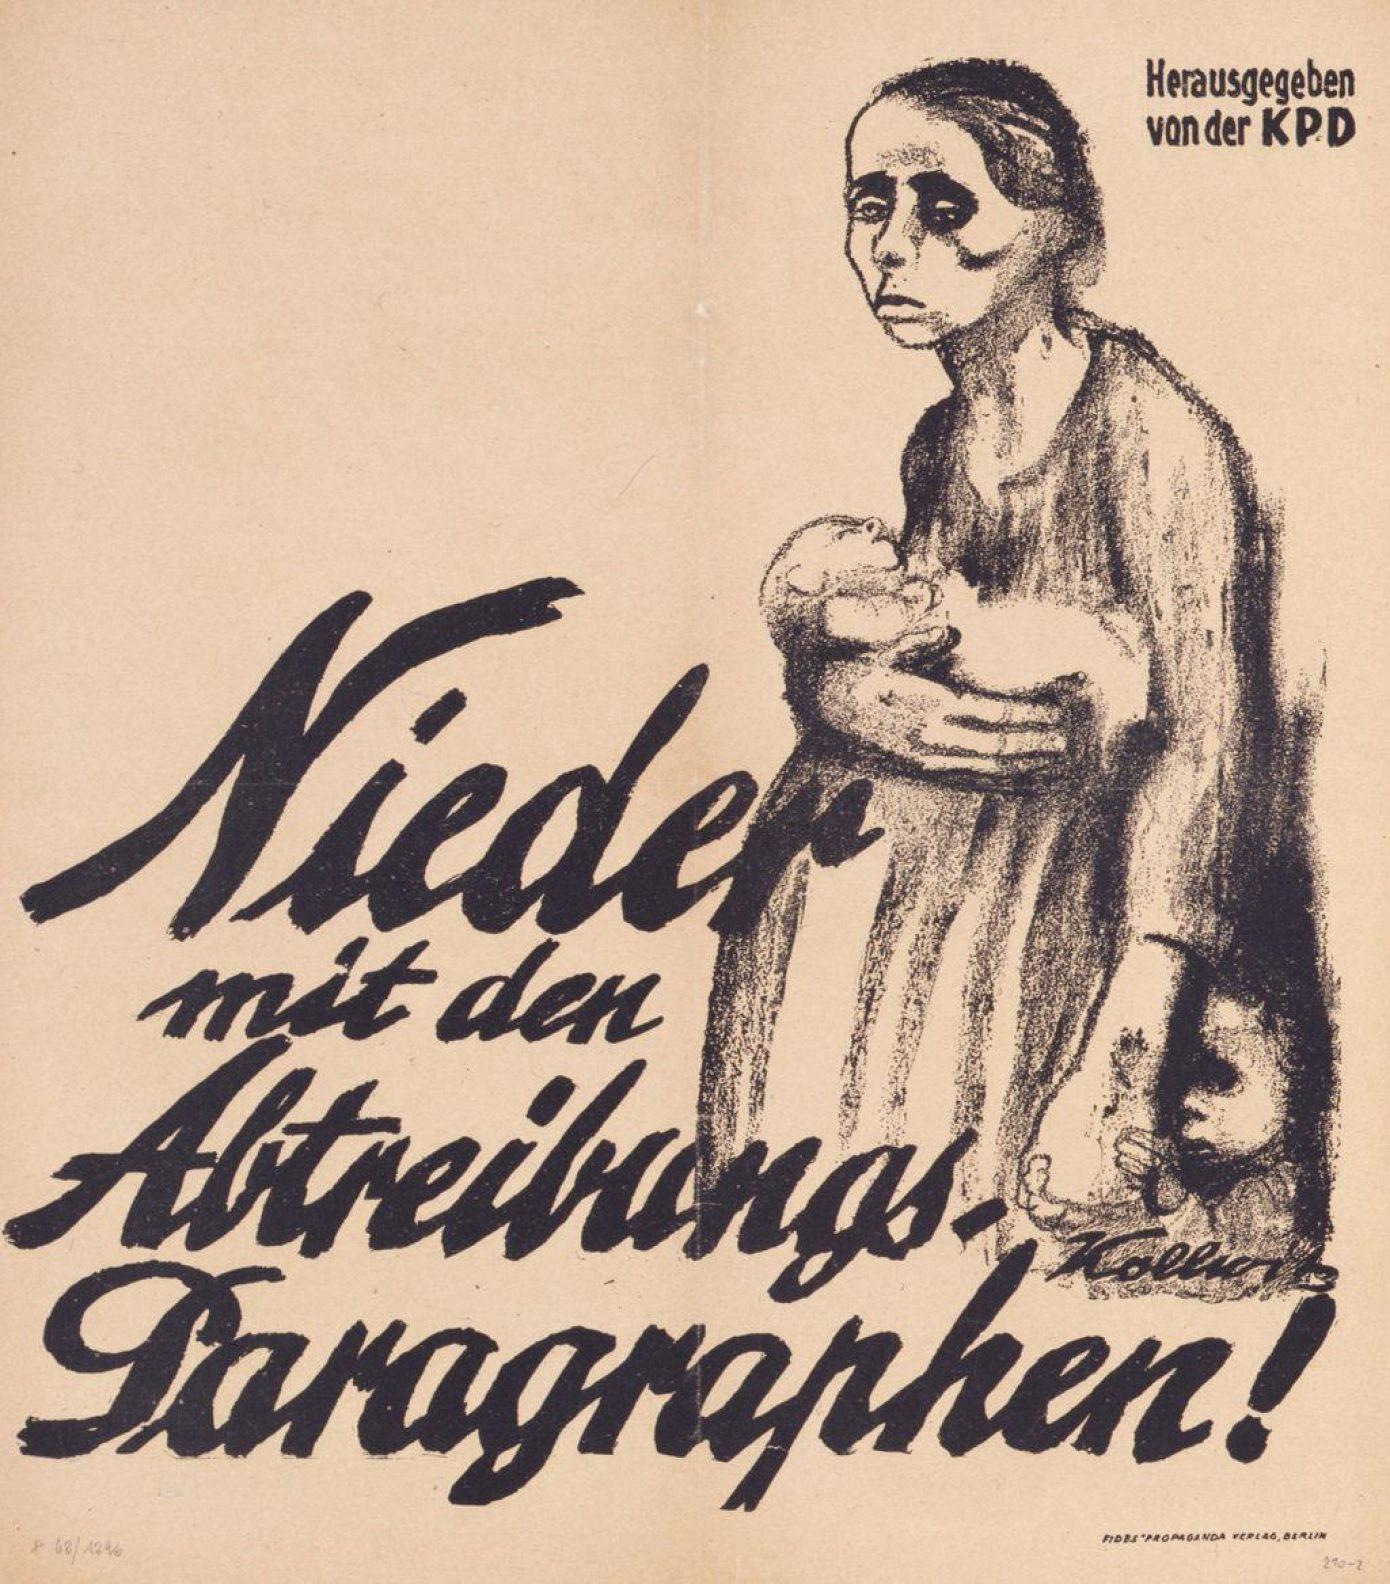 Plakat der Kommunistischen Partei Deutschlands (KPD), Käthe Kollwitz (1867-1945), © Deutsches Historisches Museum, Berlin